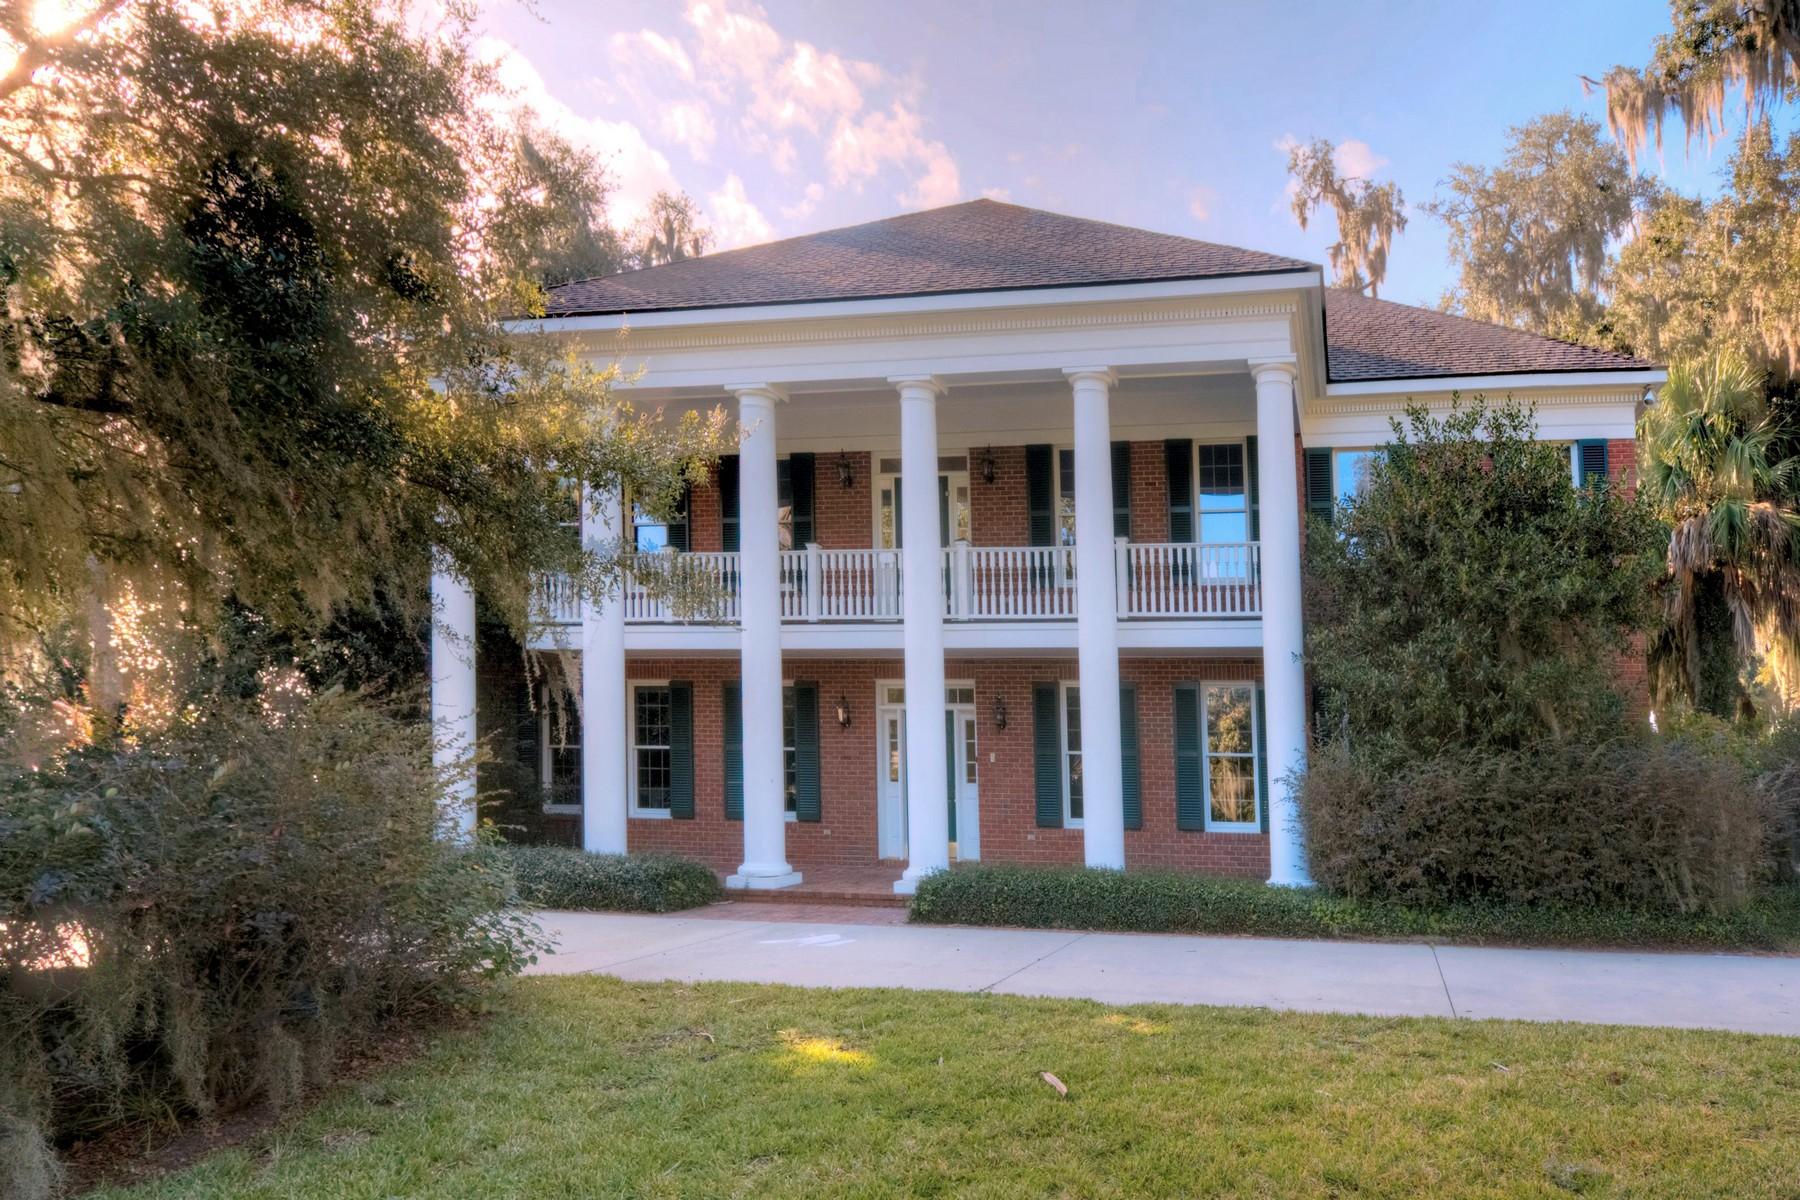 Maison unifamiliale pour l Vente à 112 Riverwalk Drive Brunswick, Georgia 31523 États-Unis